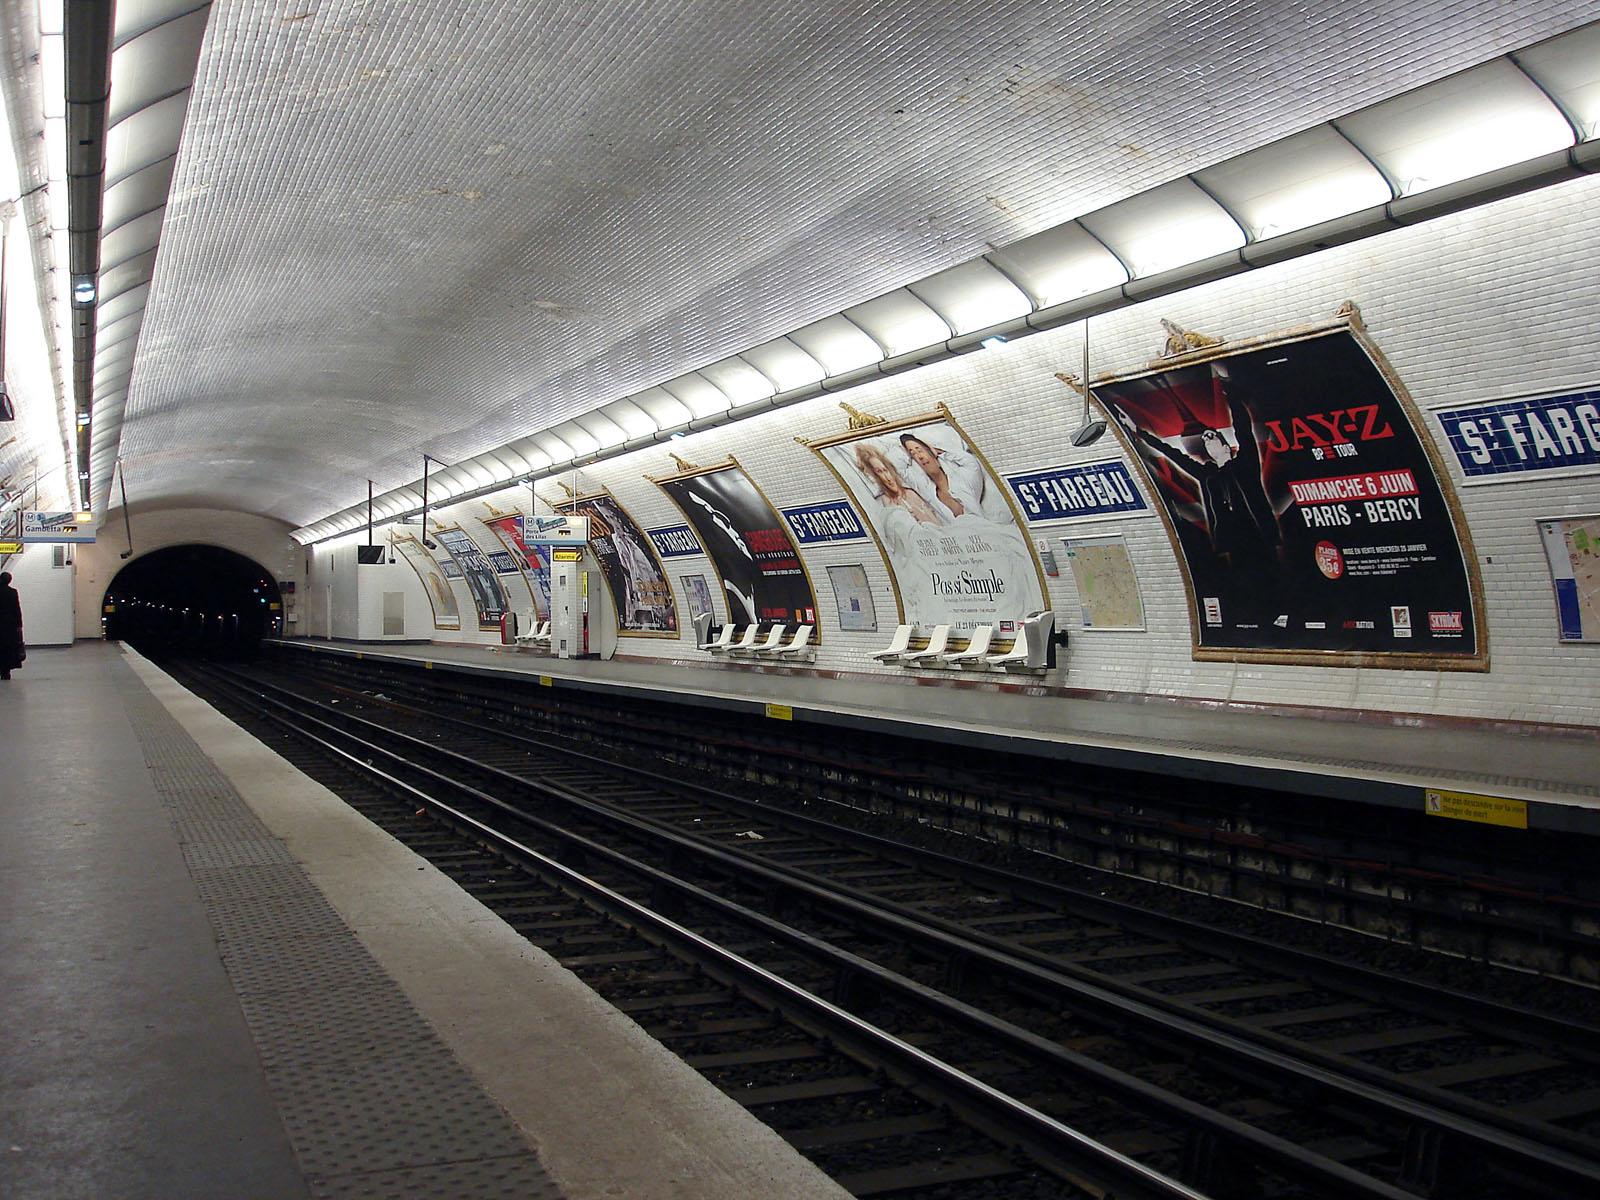 Ratp fermeture totale de la ligne 3bis du m tro parisien - Gare routiere paris gallieni porte bagnolet ...